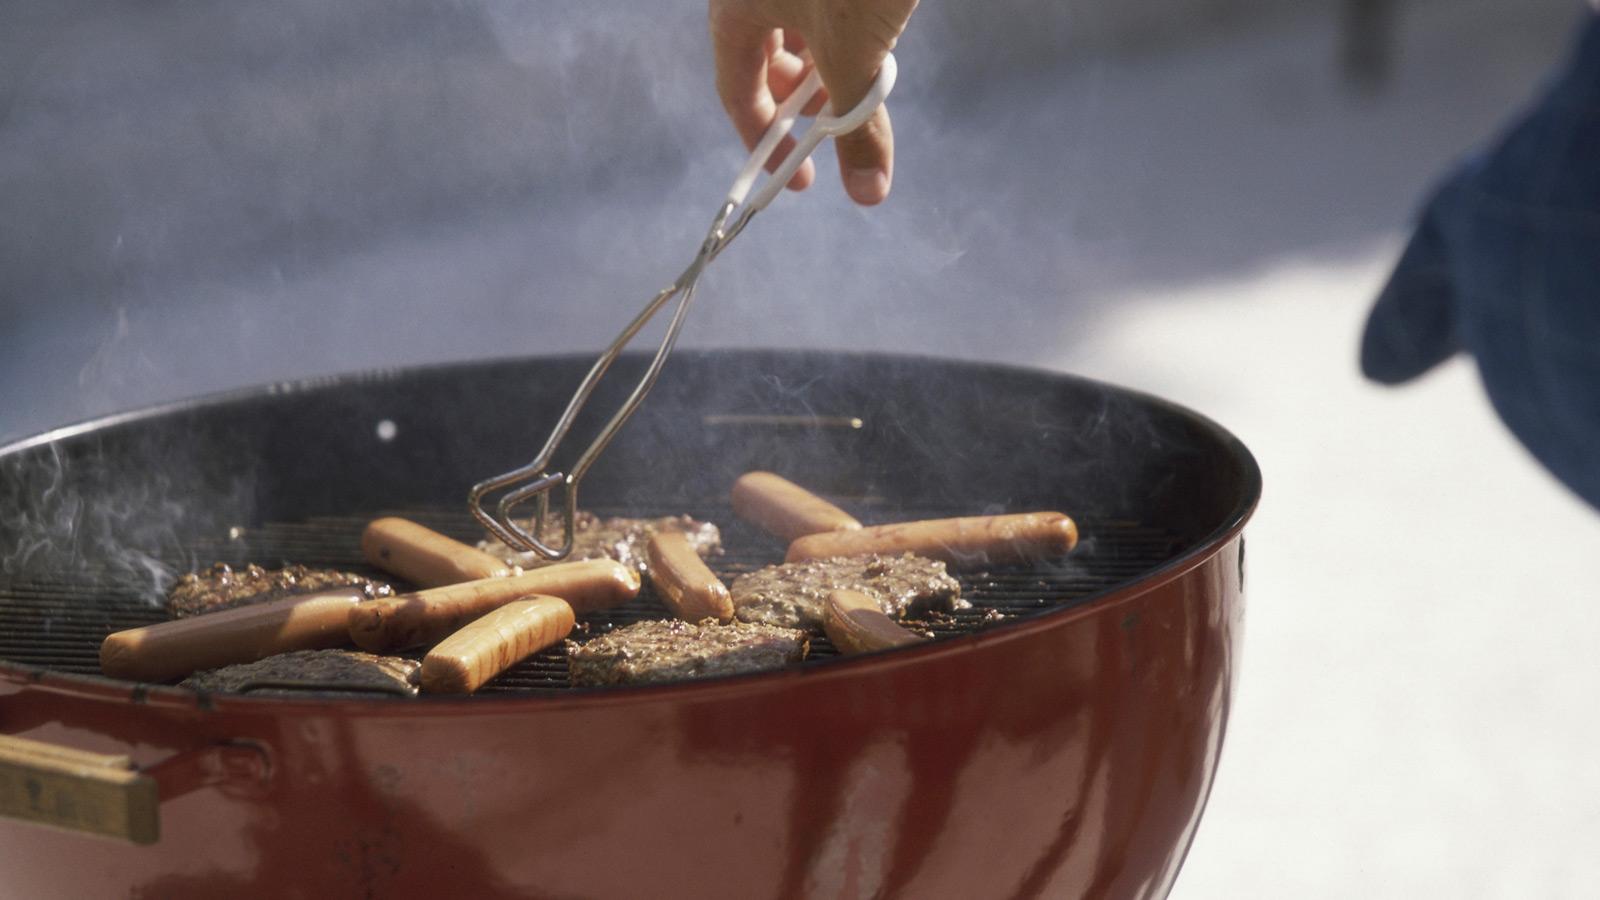 Saiba a que regras tem de obedecer e que precauções tomar para fazer um churrasco sem perturbar os seus vizinhos.